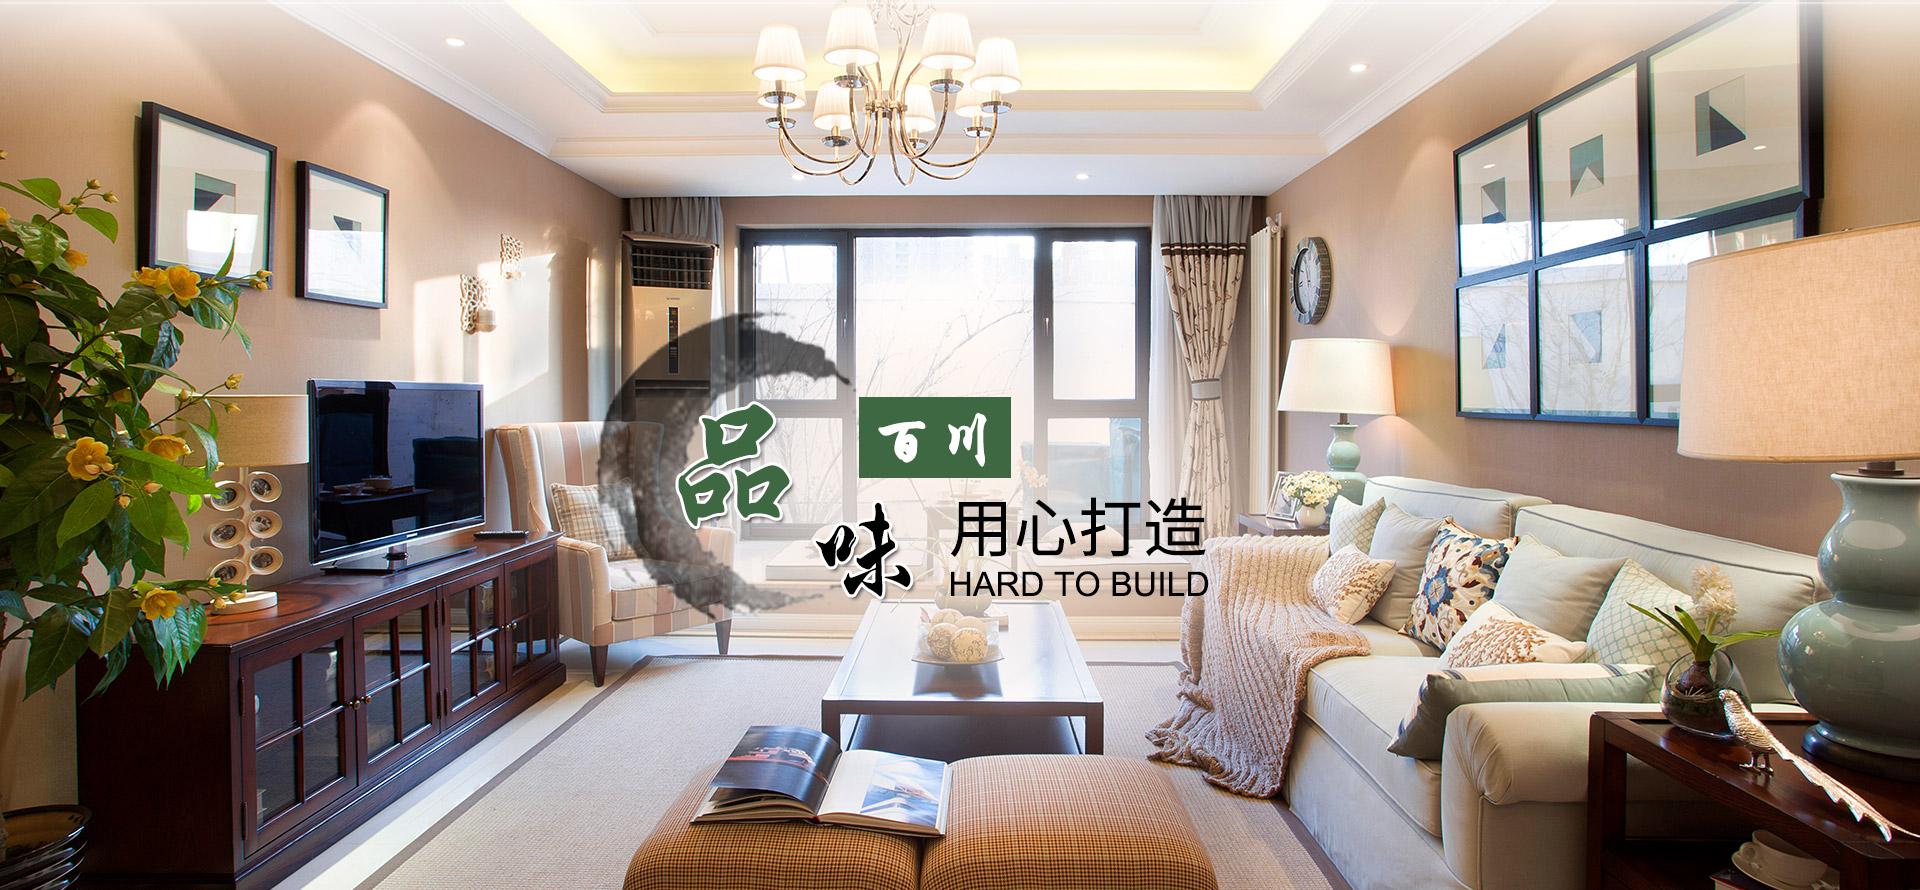 深圳市百川家具有限公司